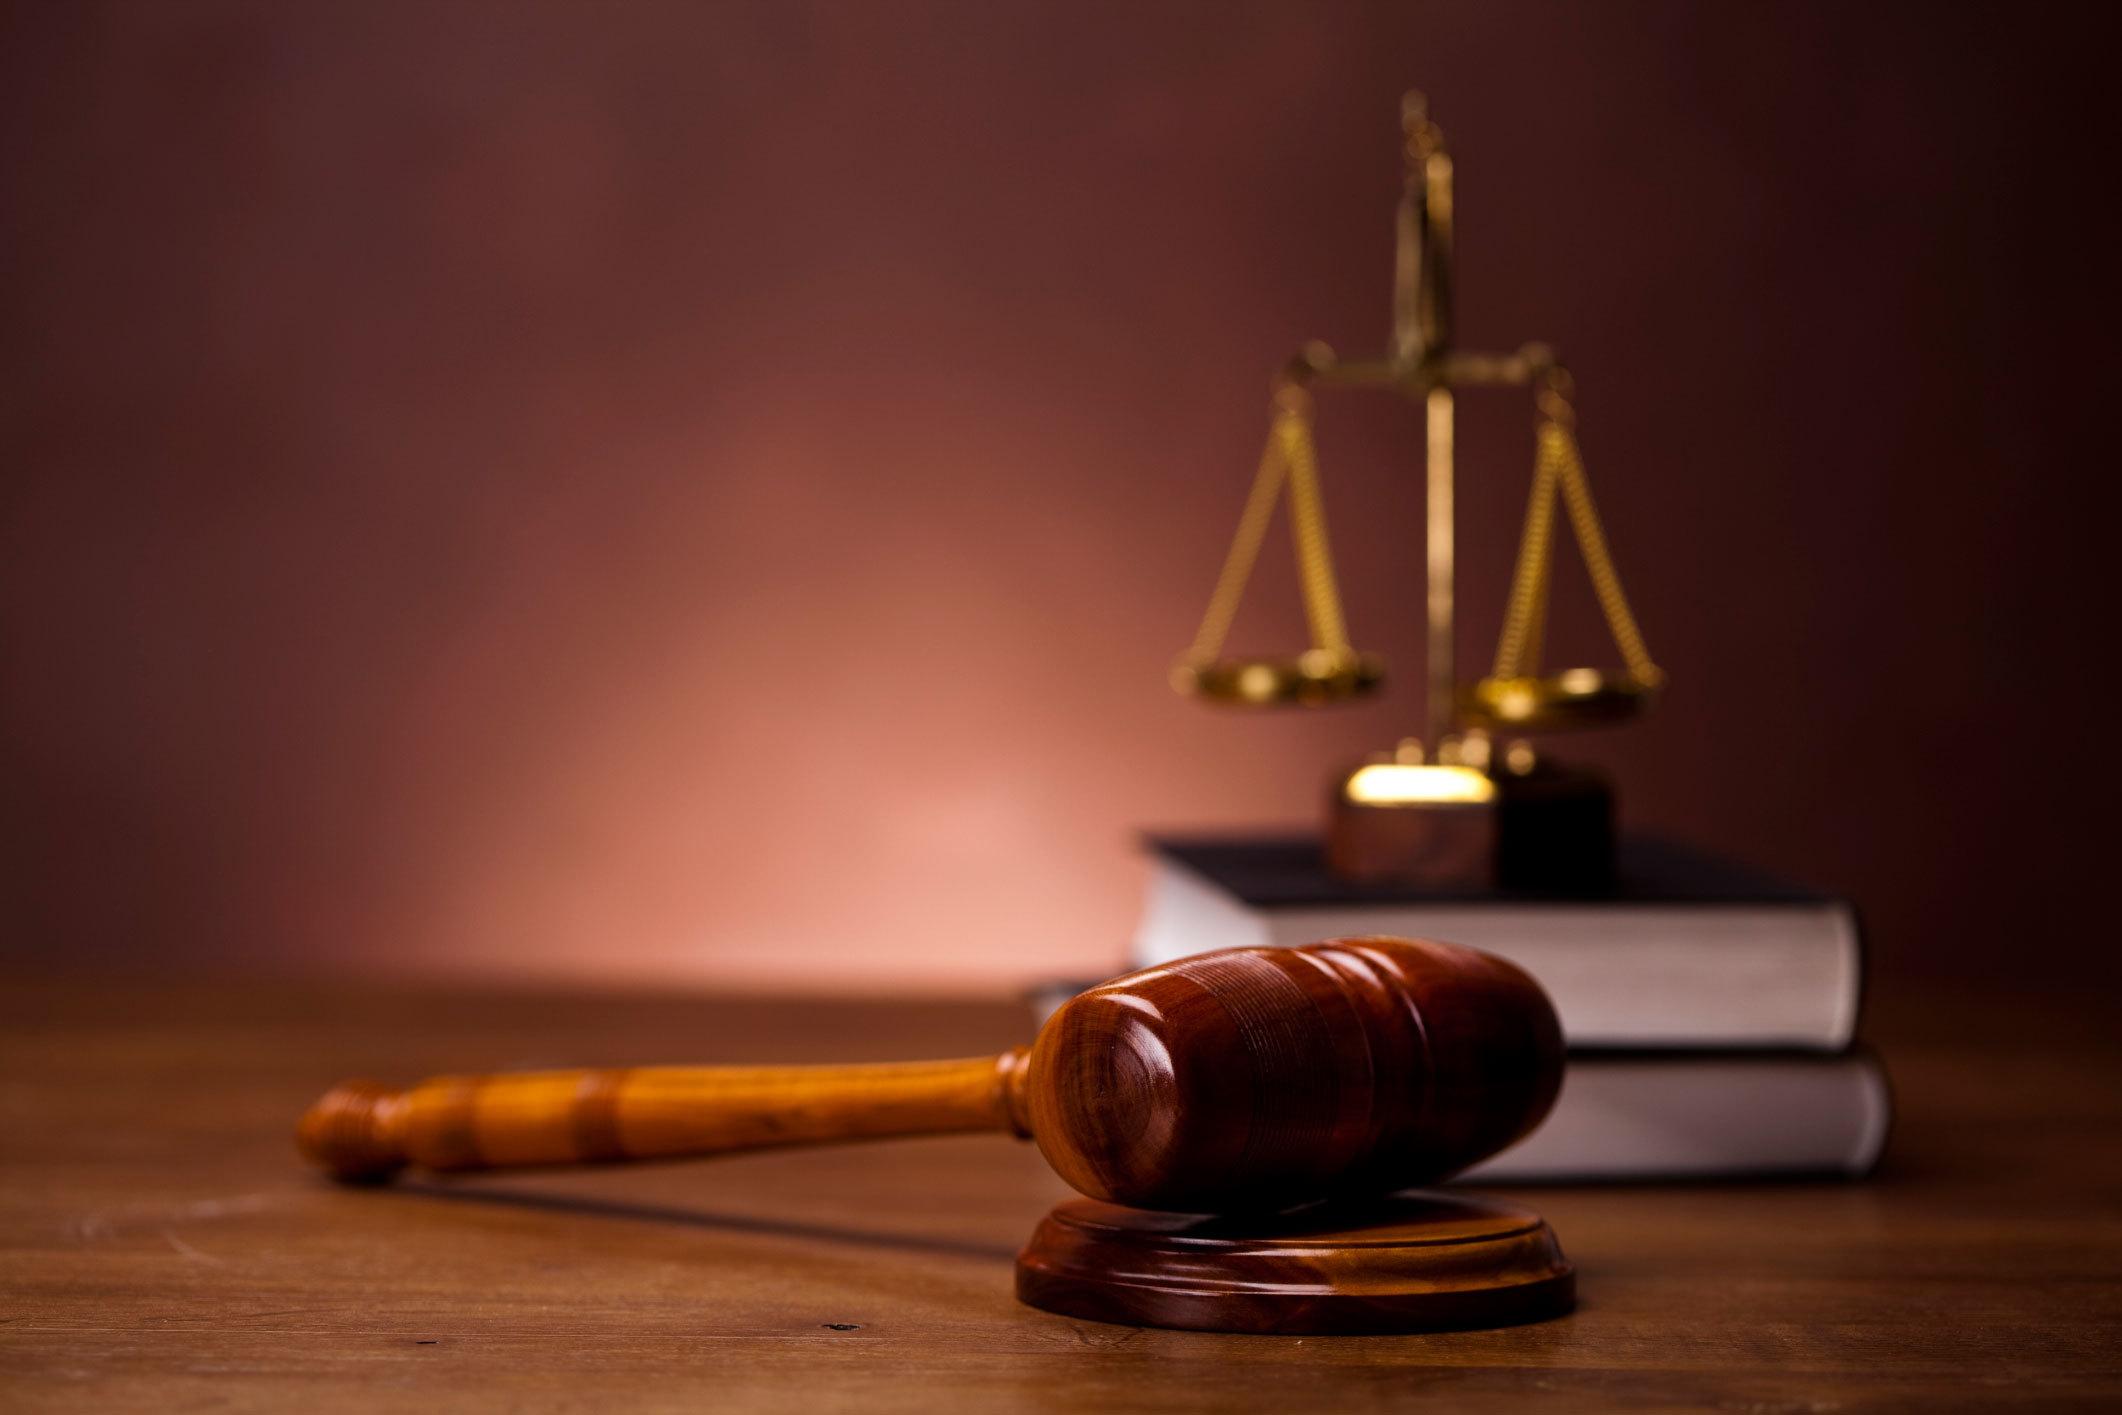 Đặng Lê Nguyên Vũ,Lê Hoàng Diệp Thảo,Ly hôn,Đạo đức,Lợi ích nhóm,Luật pháp